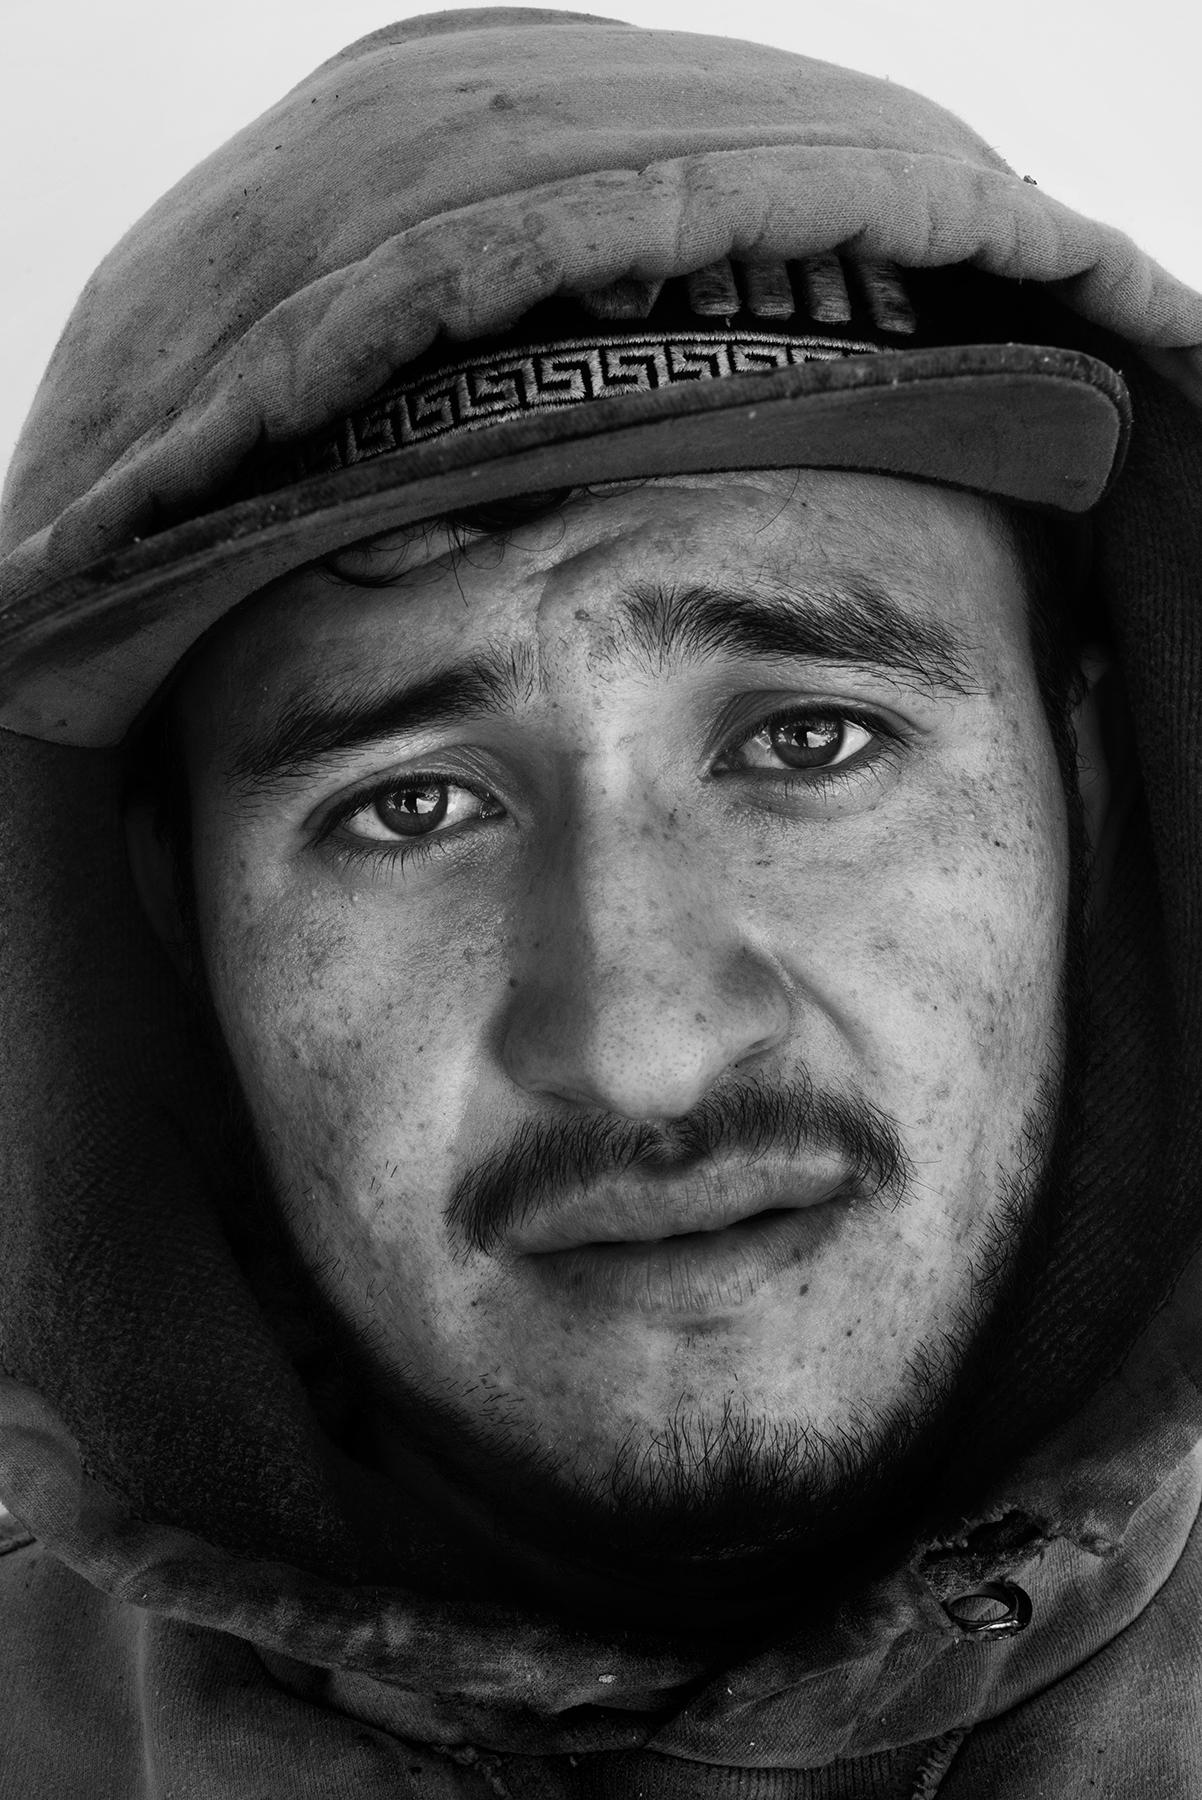 Rafael Amador, 21, Hidalgo, Mexico.